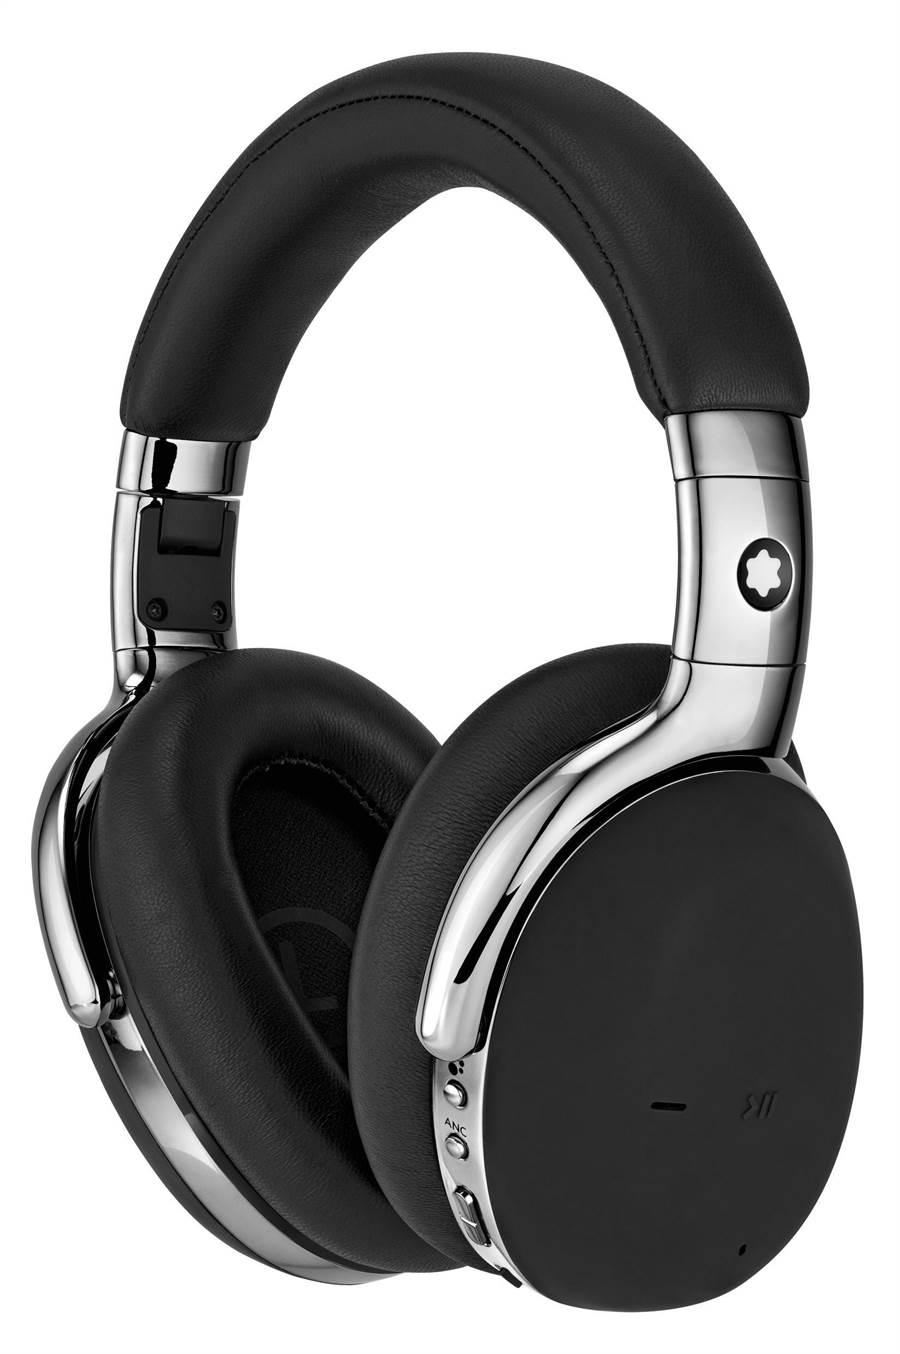 萬寶龍MB01全罩式耳機,黑色款售價2萬400元。(Montblanc提供)